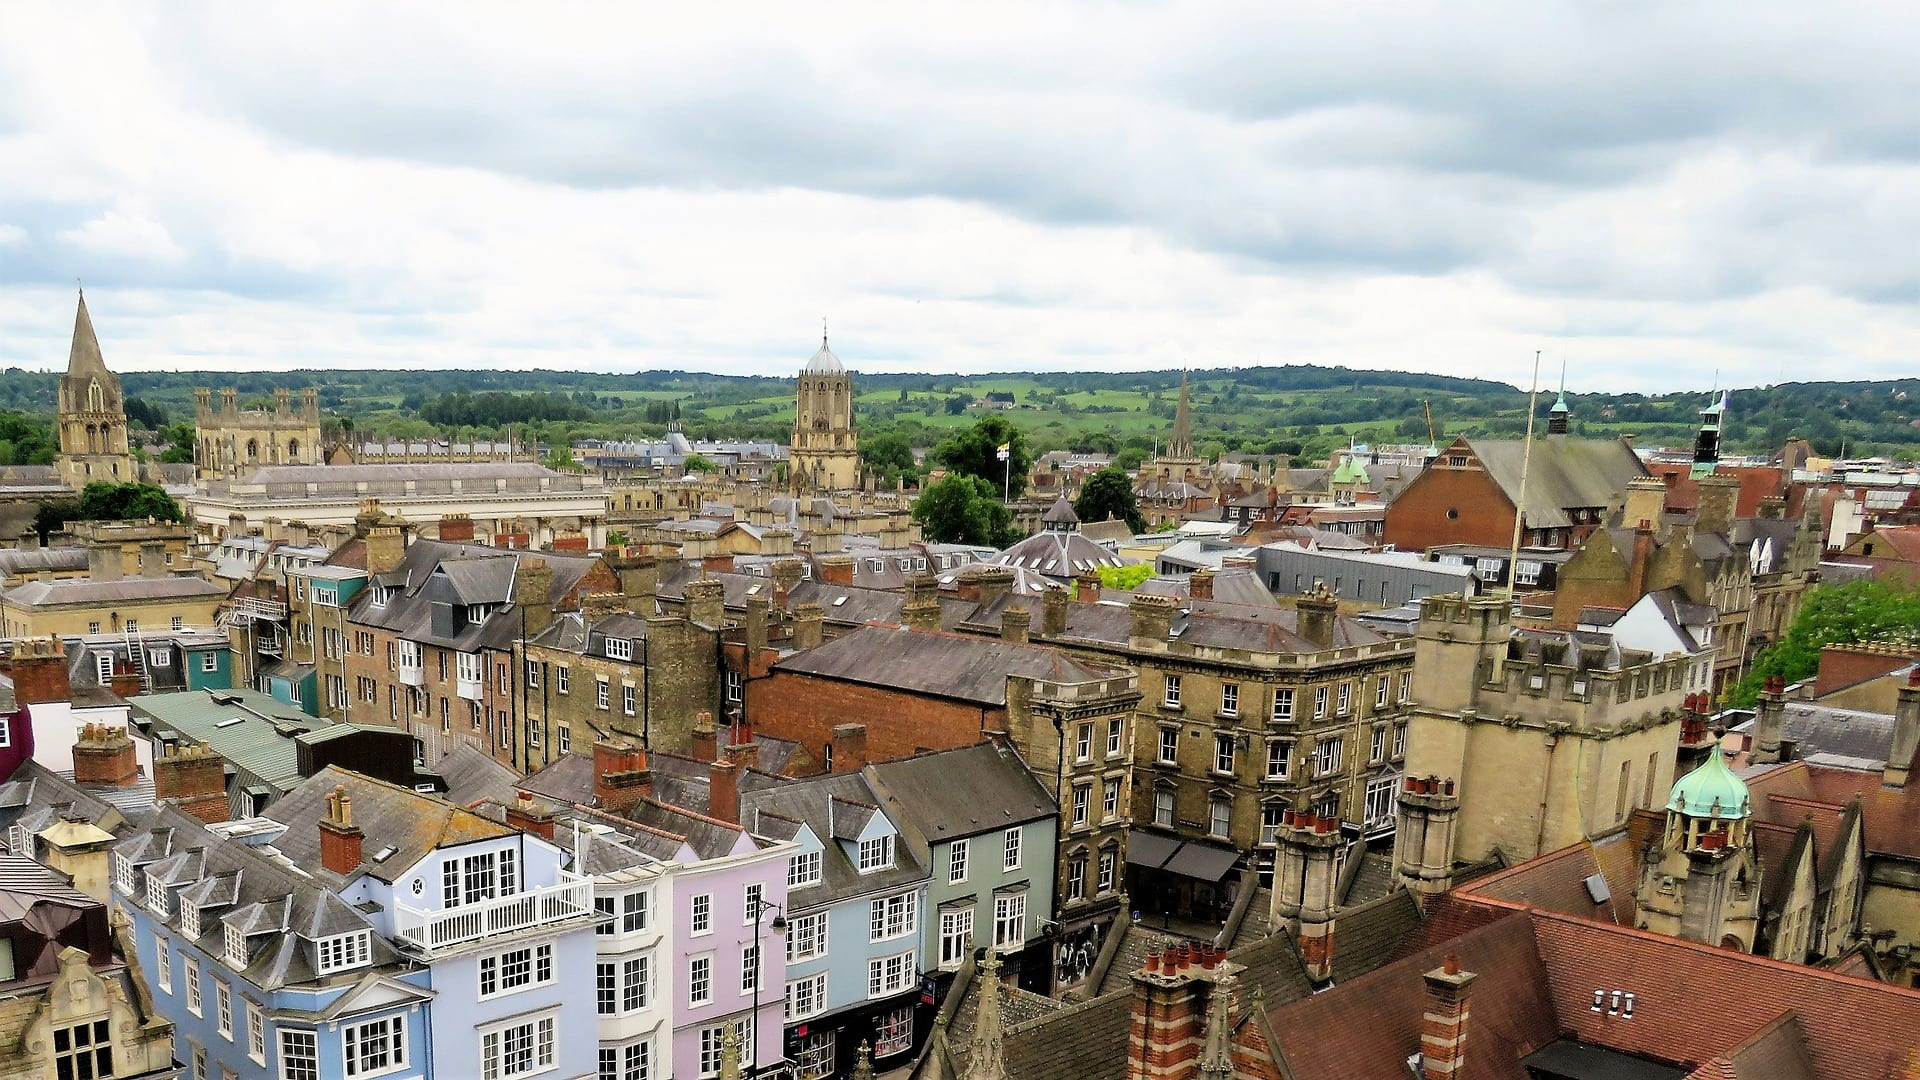 Tiempo en Oxford en verano según meteorología